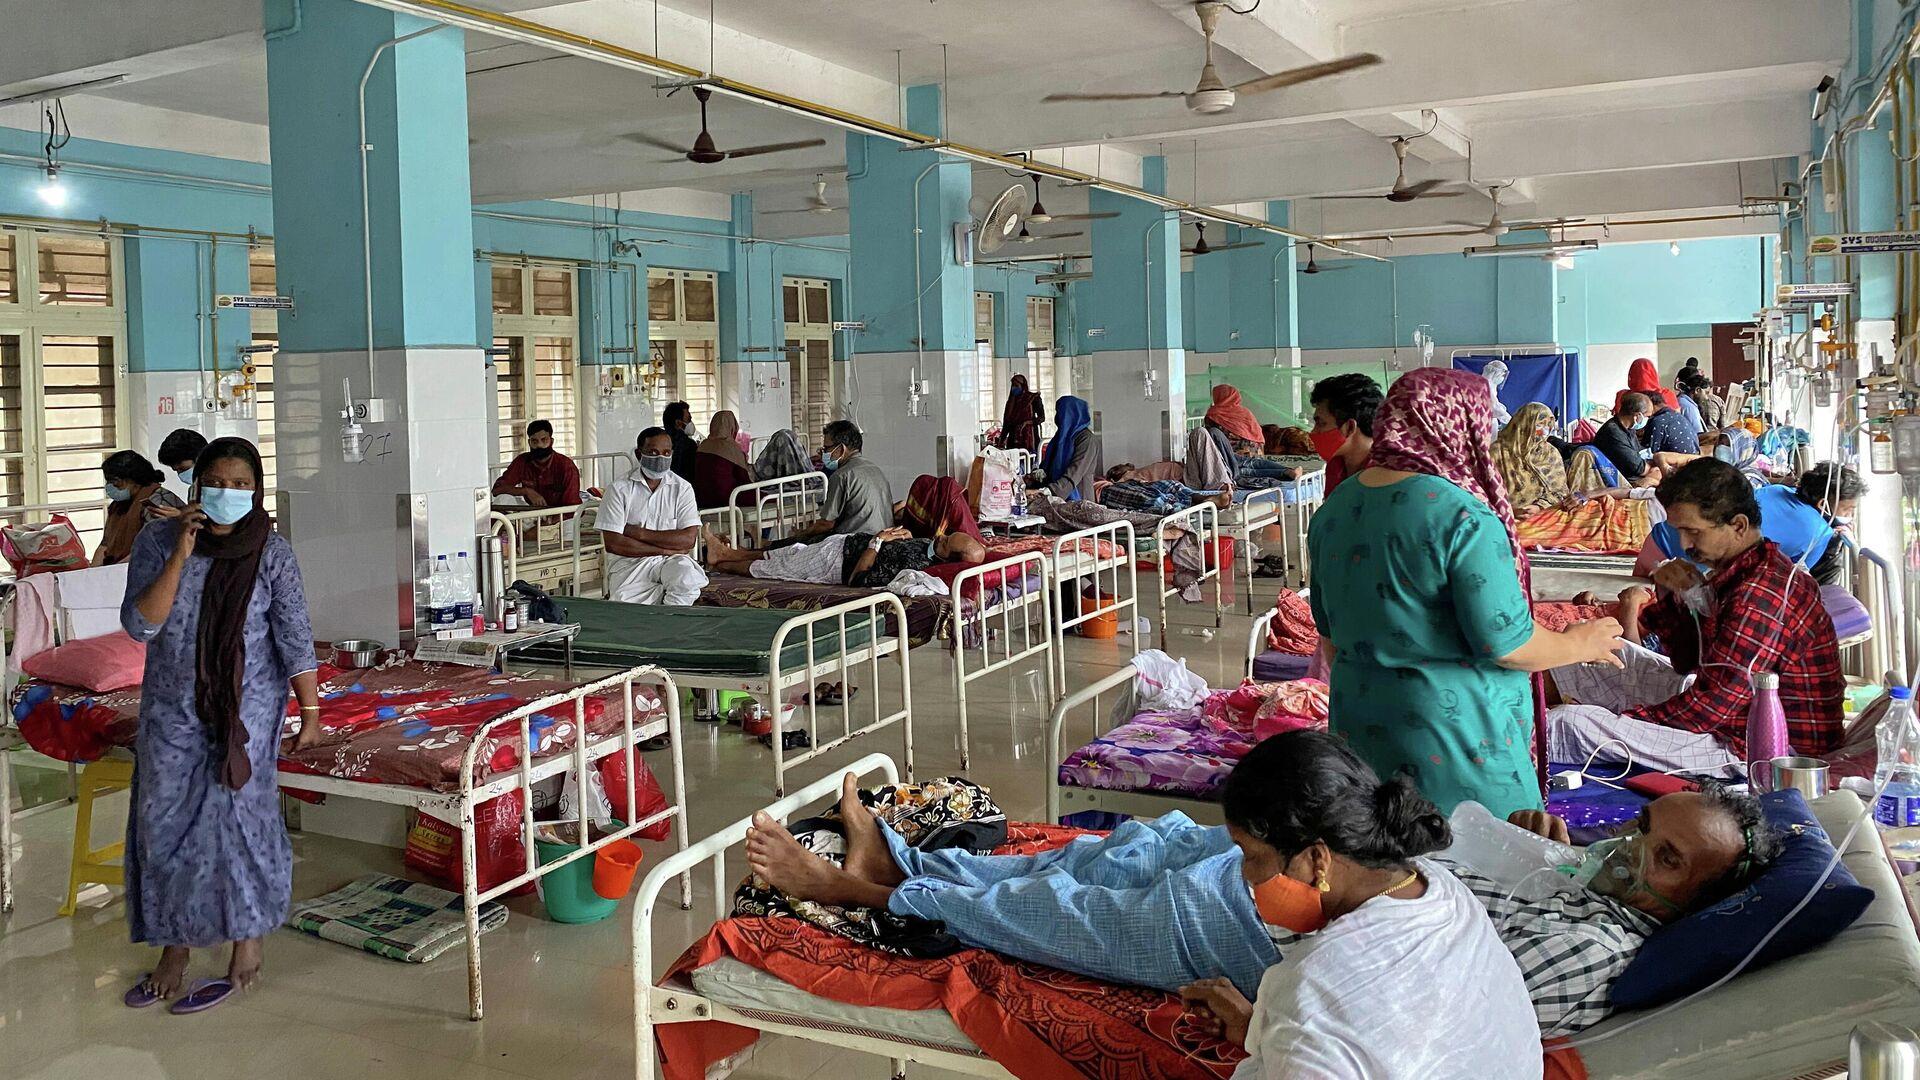 Un hospital en la India - Sputnik Mundo, 1920, 30.08.2021